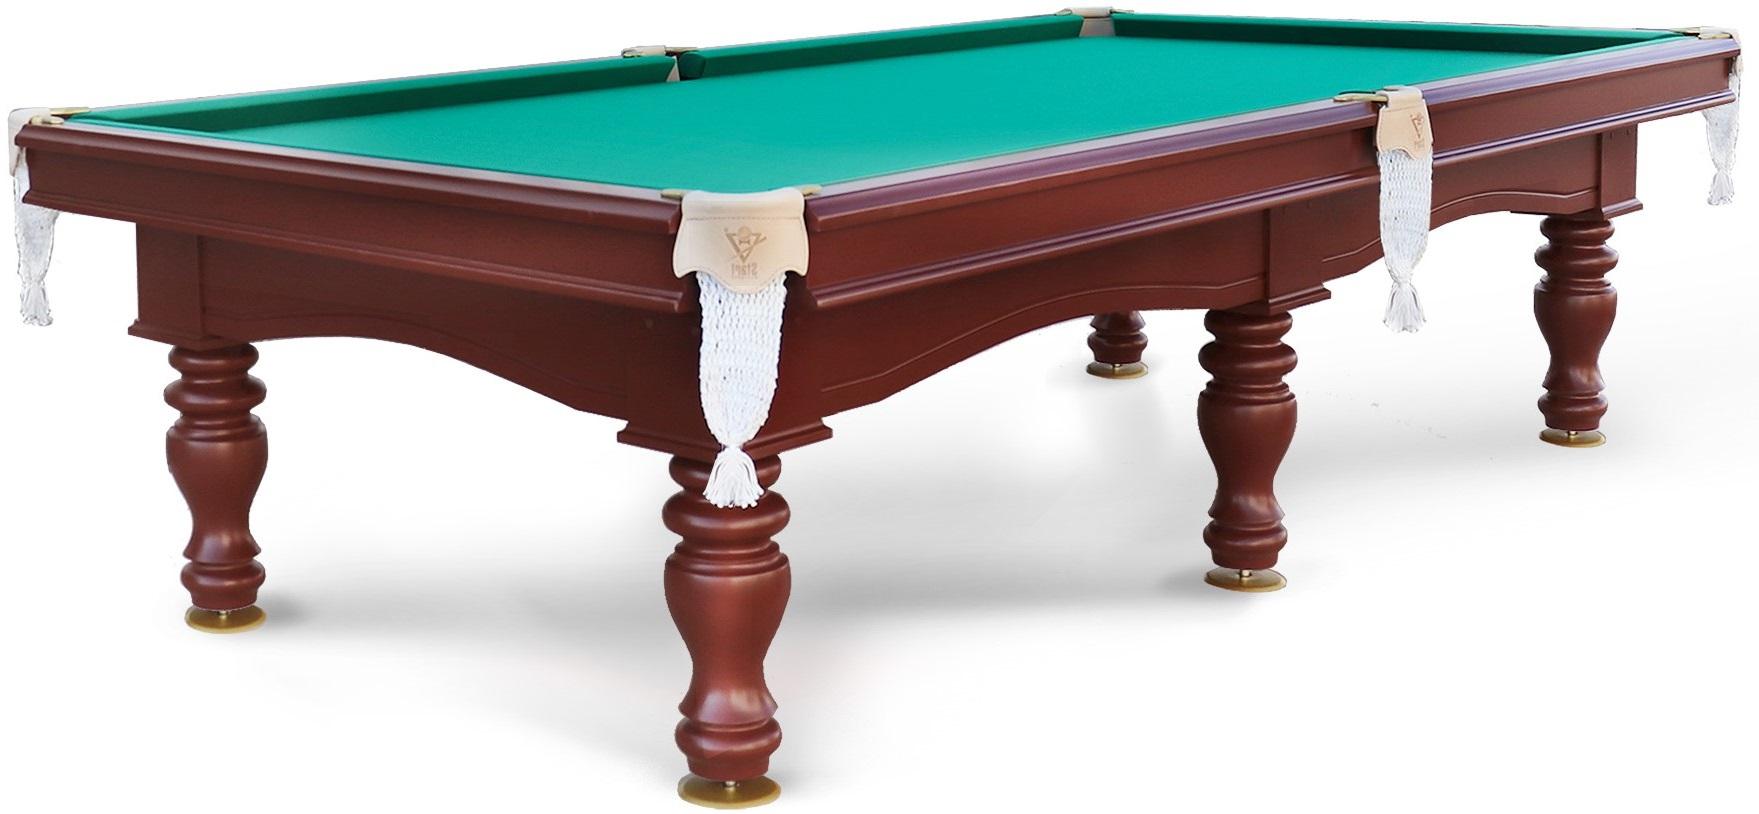 Бильярдный стол Старт Прага 10FT коричневый